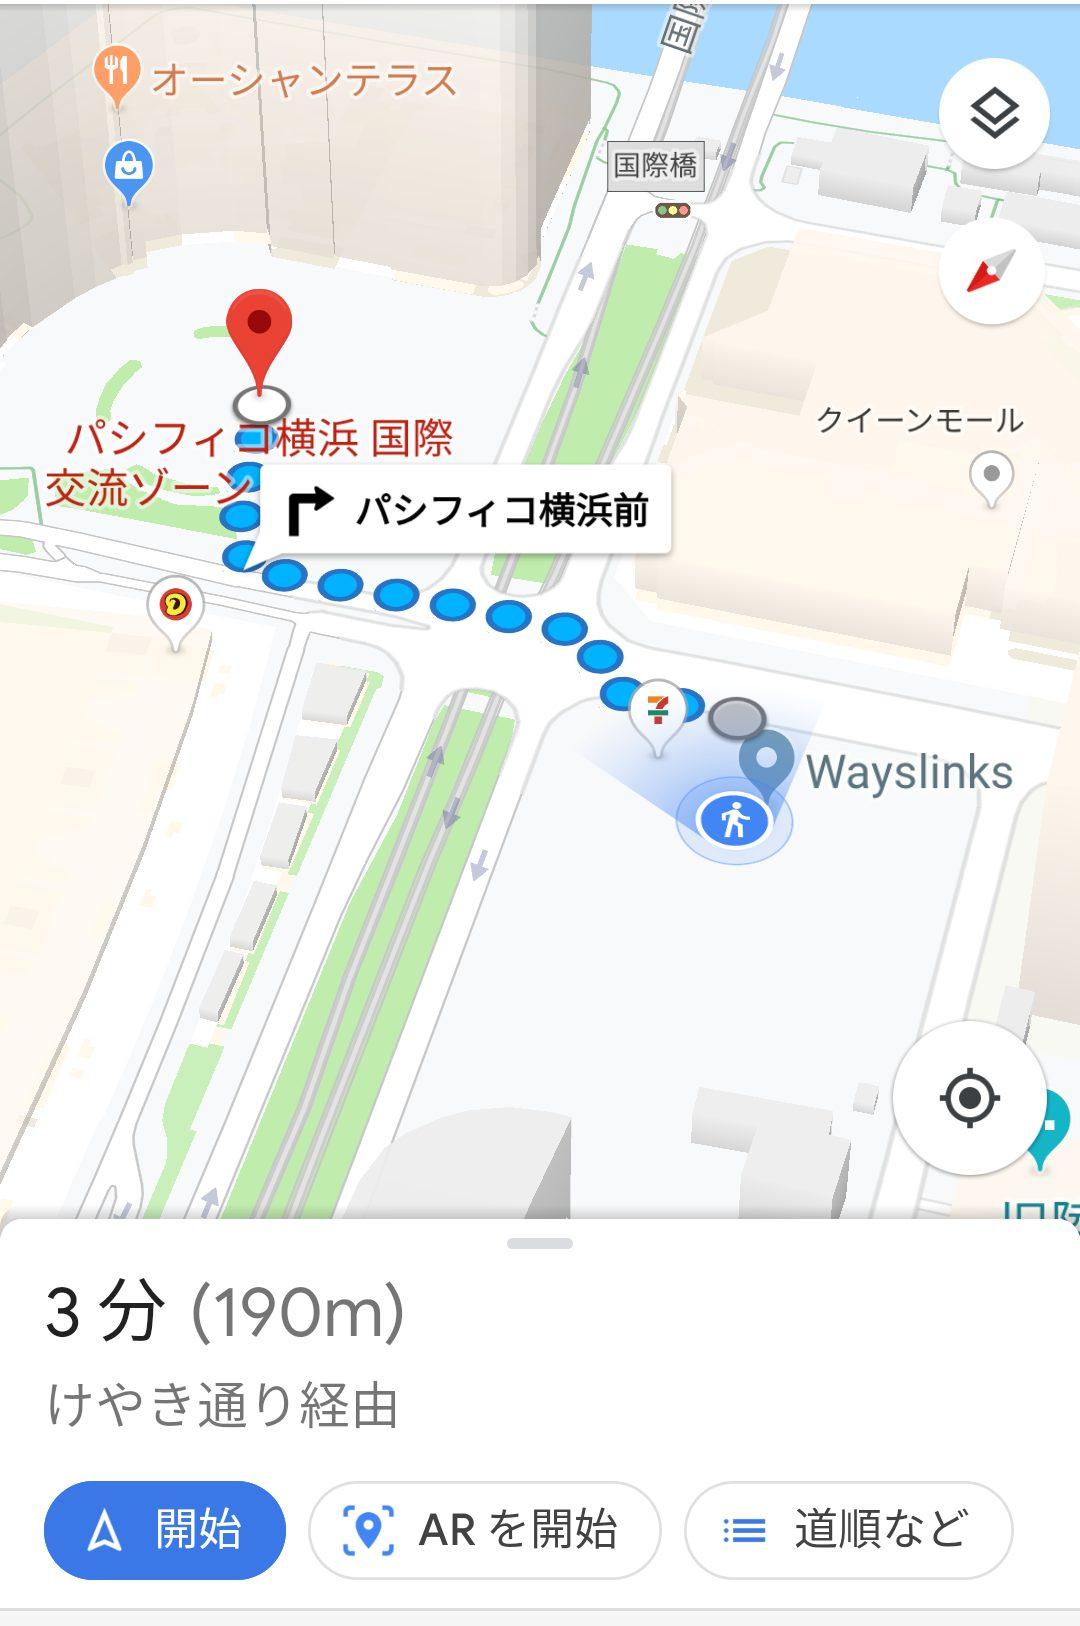 グーグルマップのナビゲーション